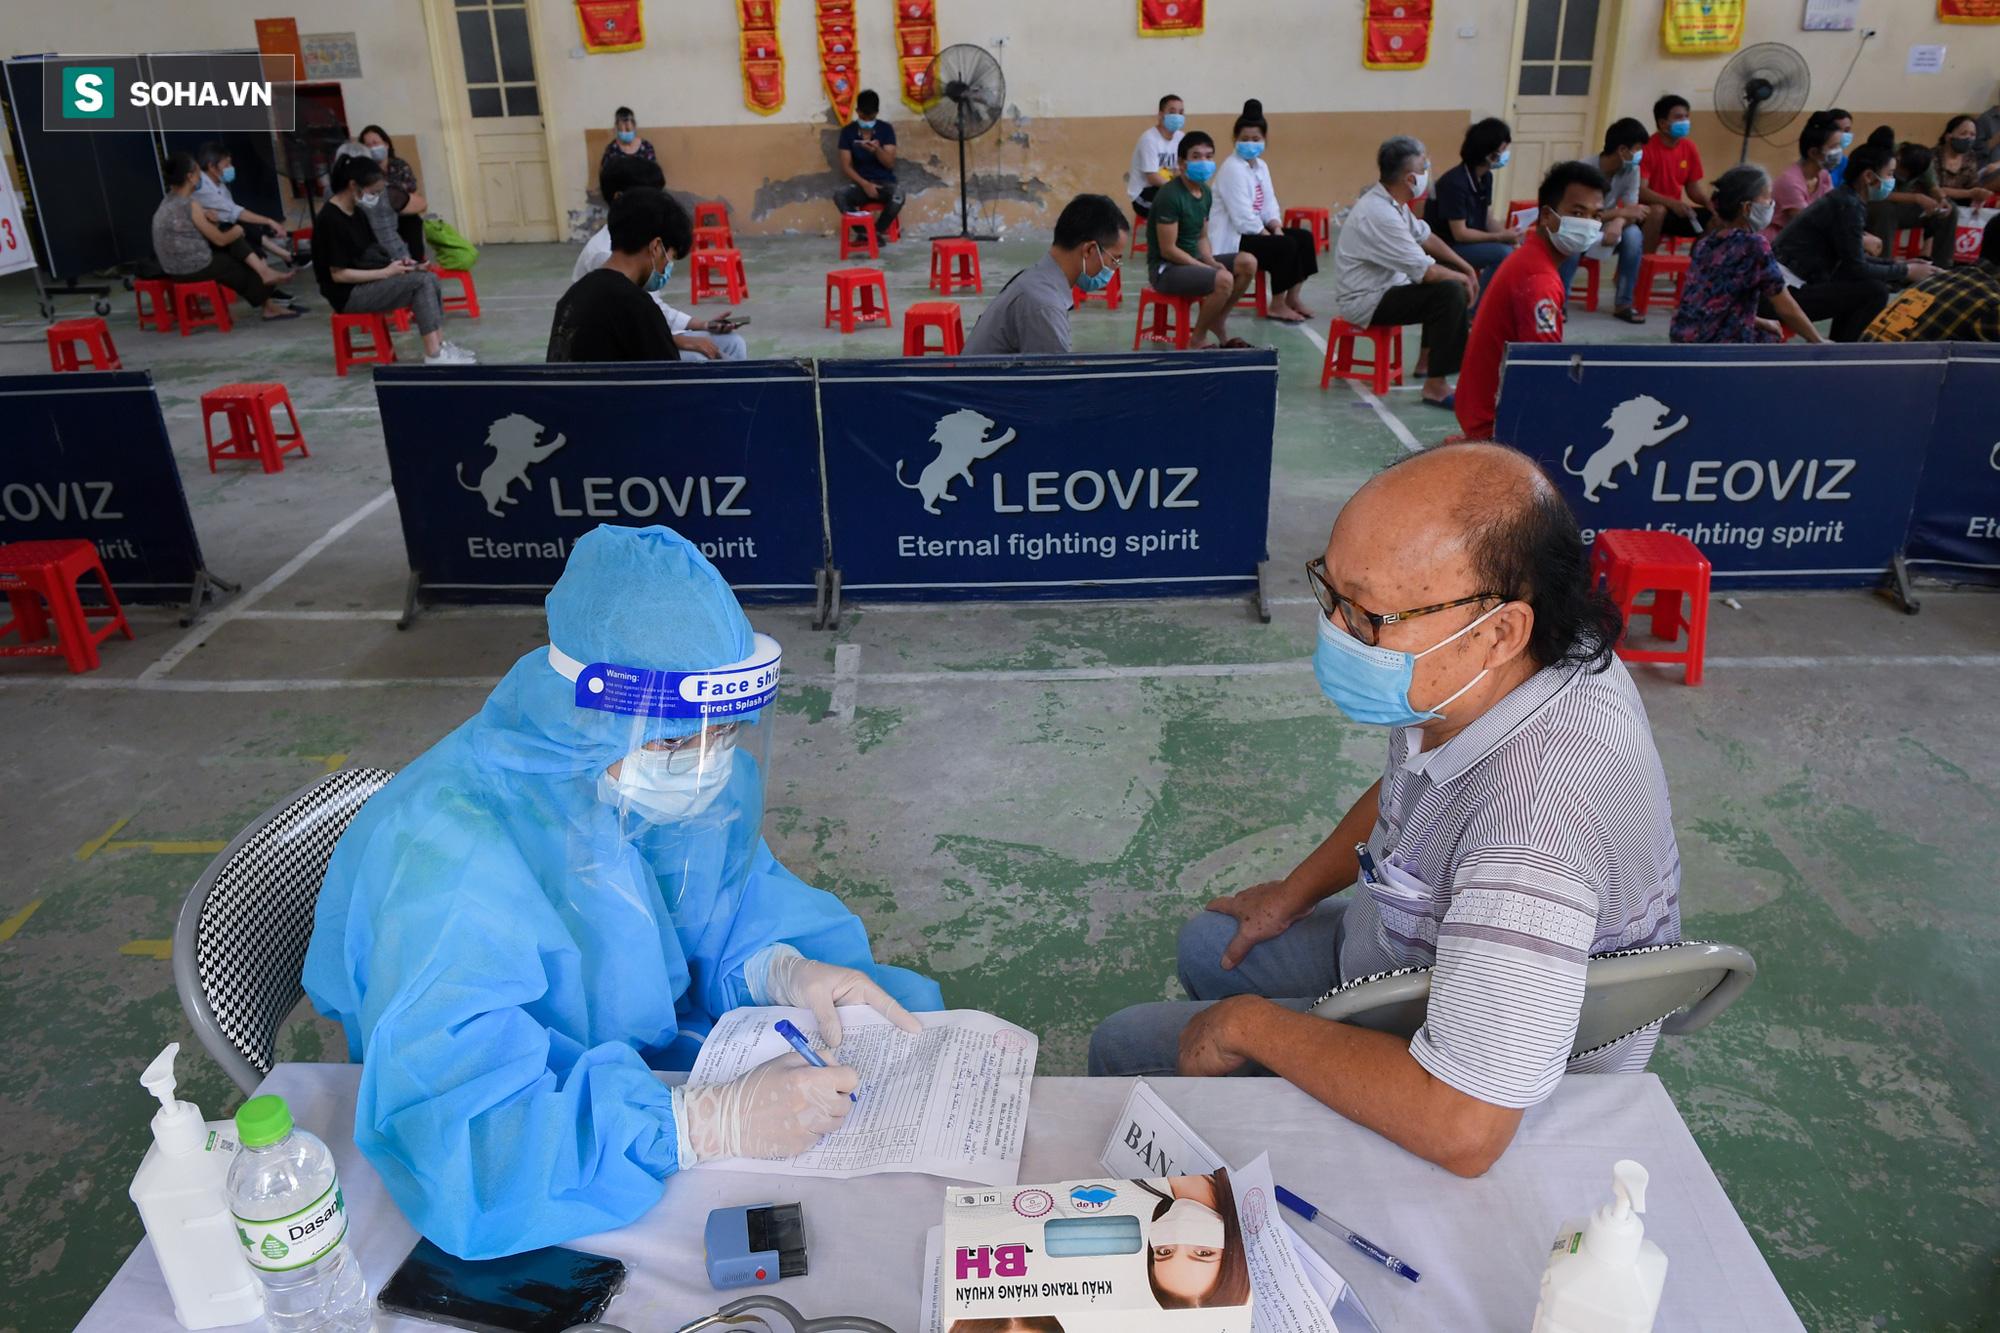 Phường ở Hà Nội tiêm vắc xin Covid-19 cho cả người không có giấy tờ tuỳ thân - Ảnh 1.